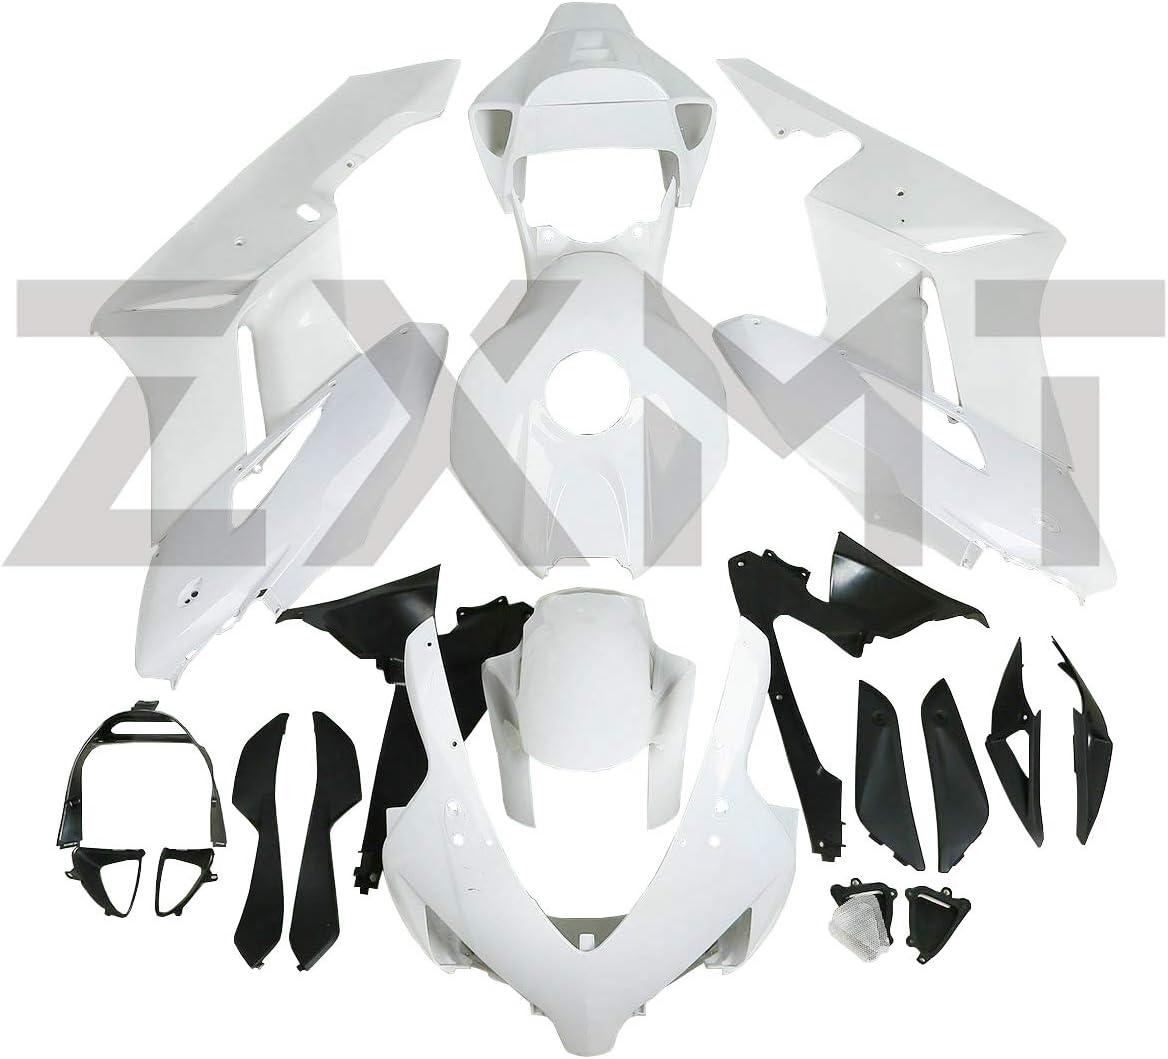 ZXMT Motorcycle Fairing Kit Vivid Black Fairings for 2004 2005 ...